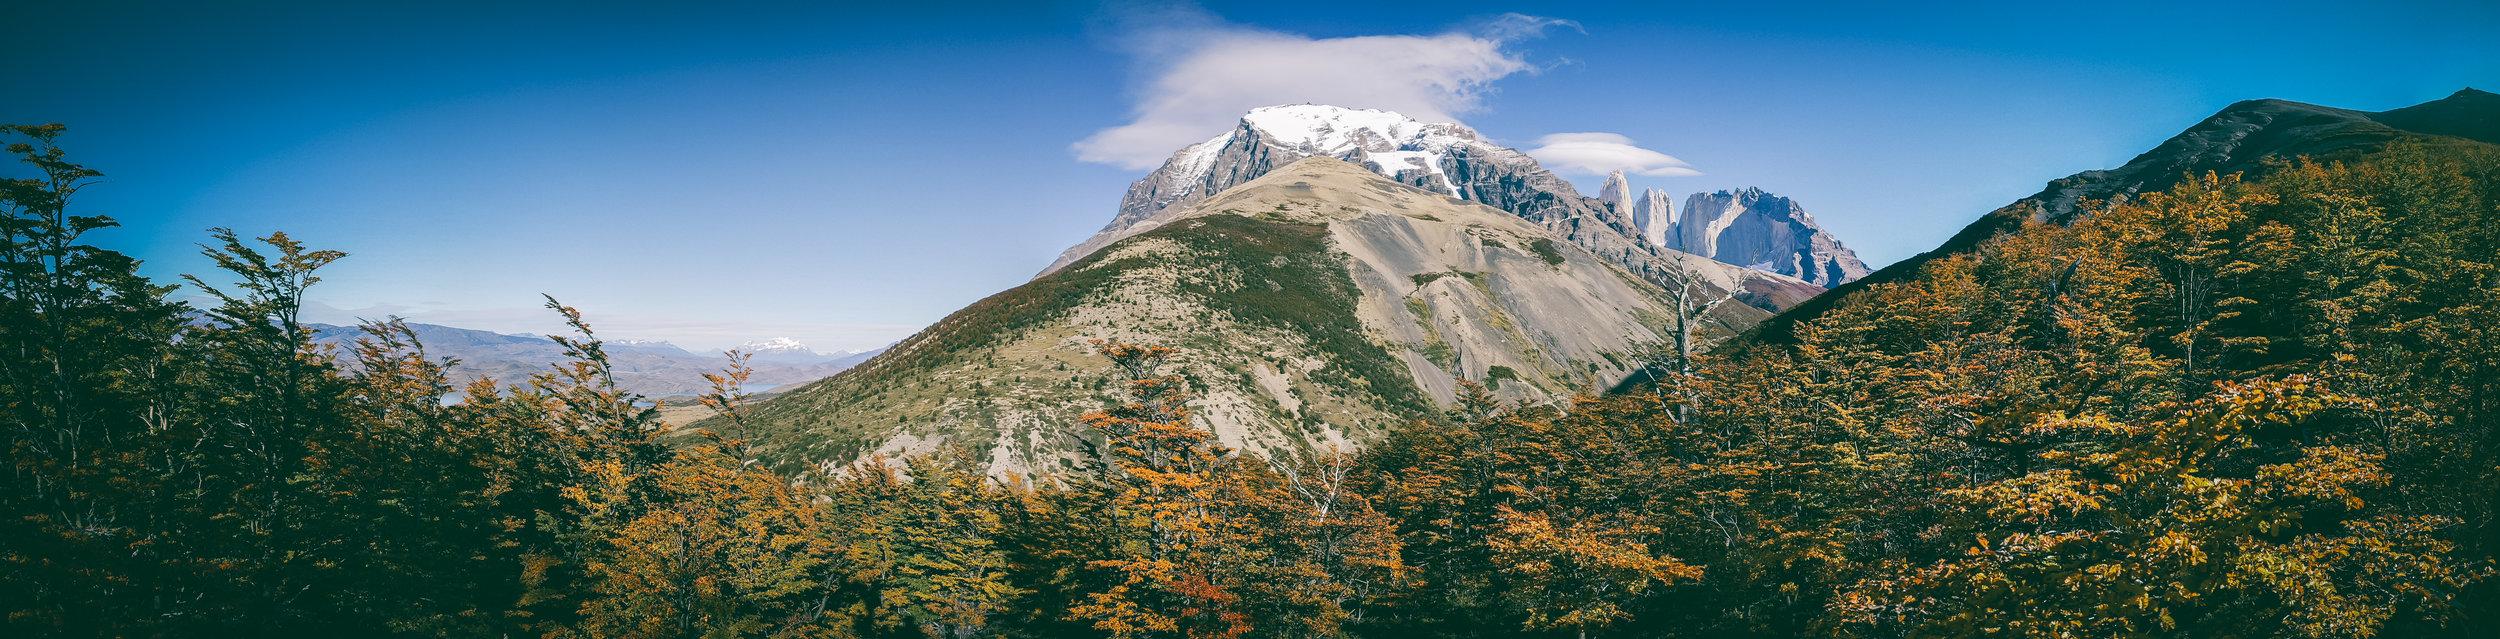 Panoramic view from Cerro Paine